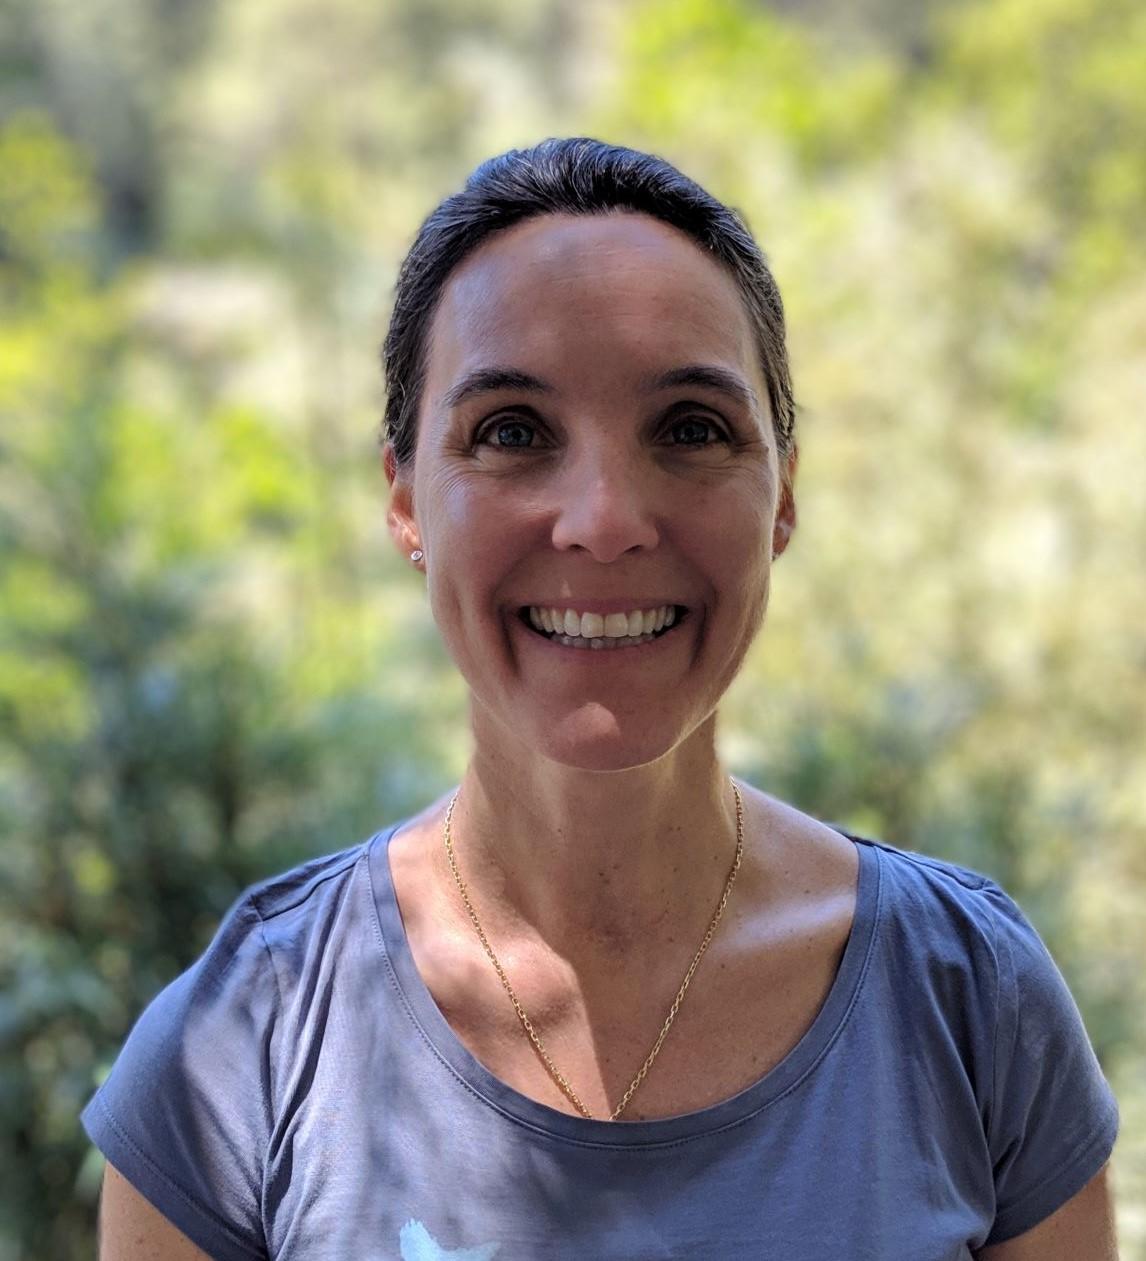 Fiorella Magnano